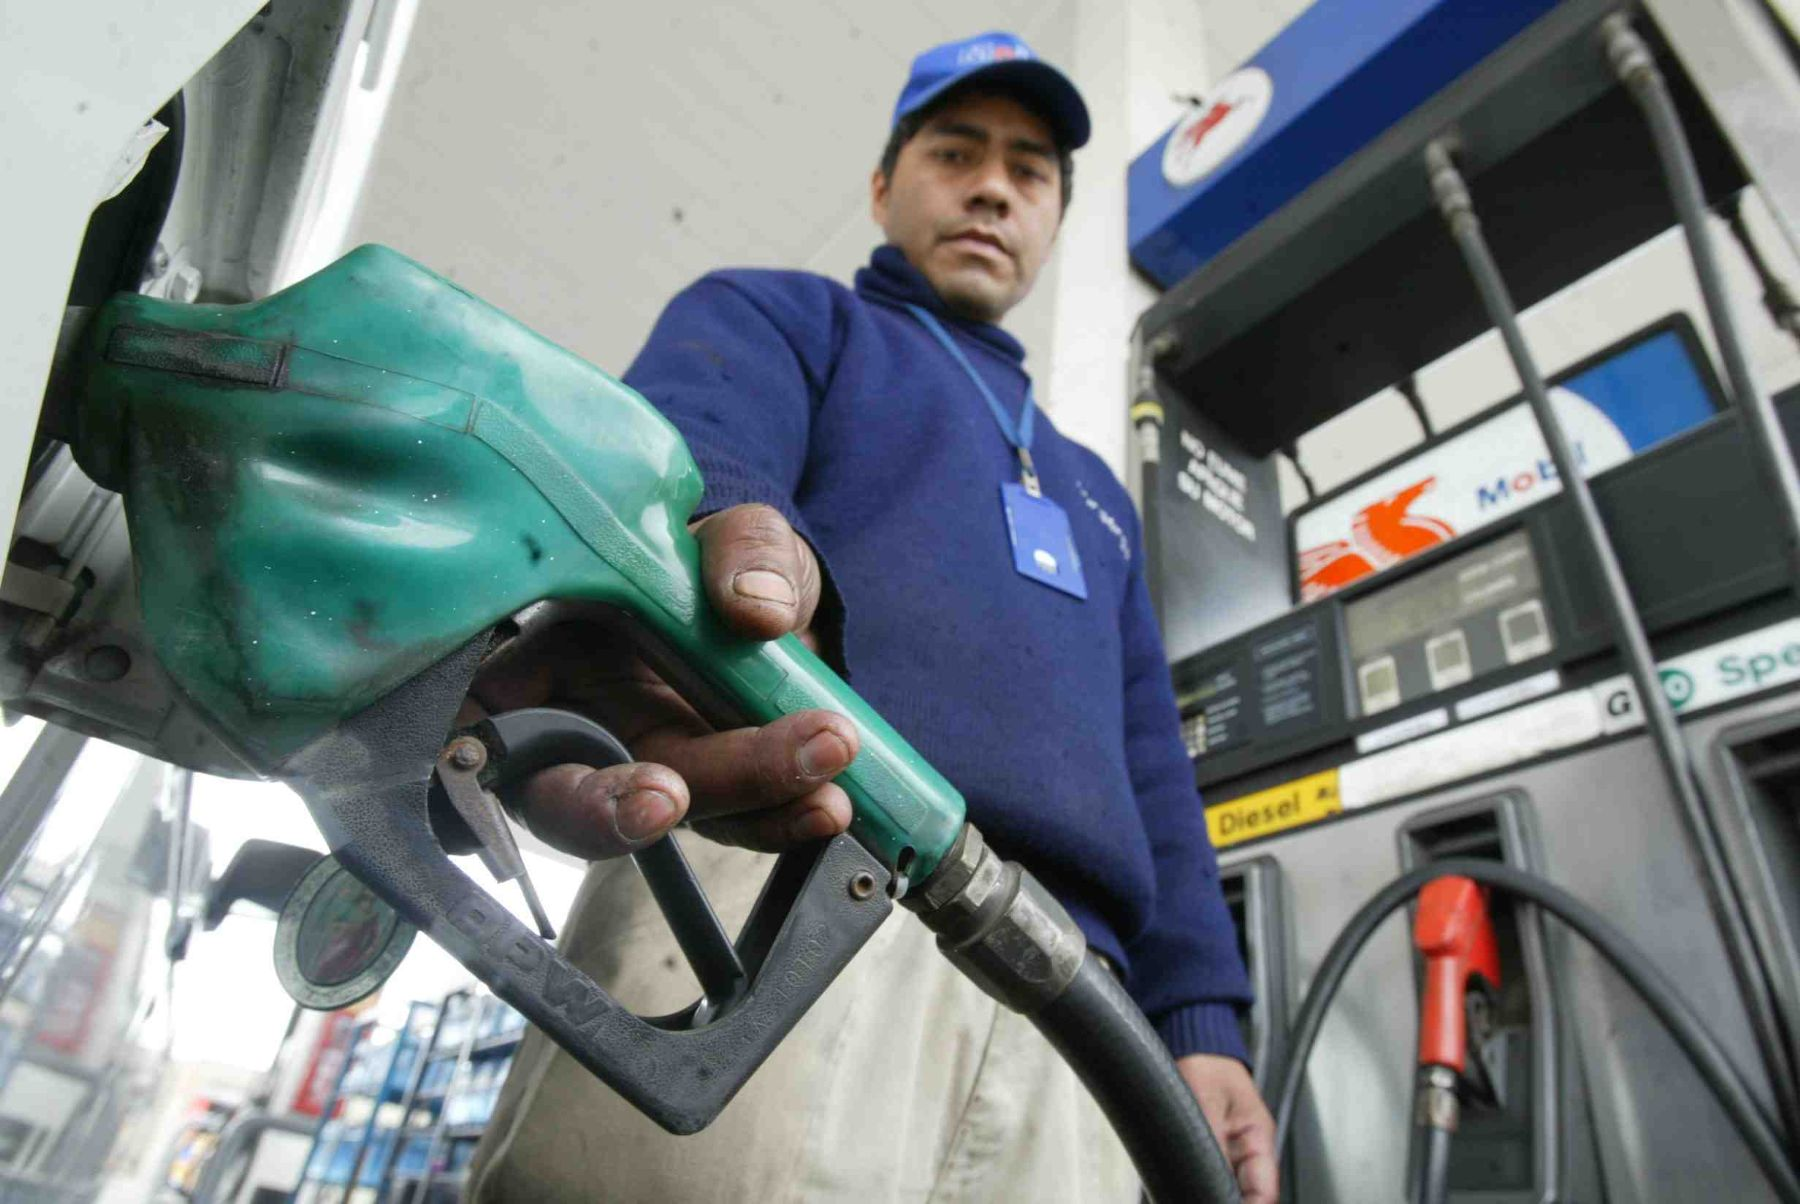 Suben precios de combustibles en últimas semanas, advierten